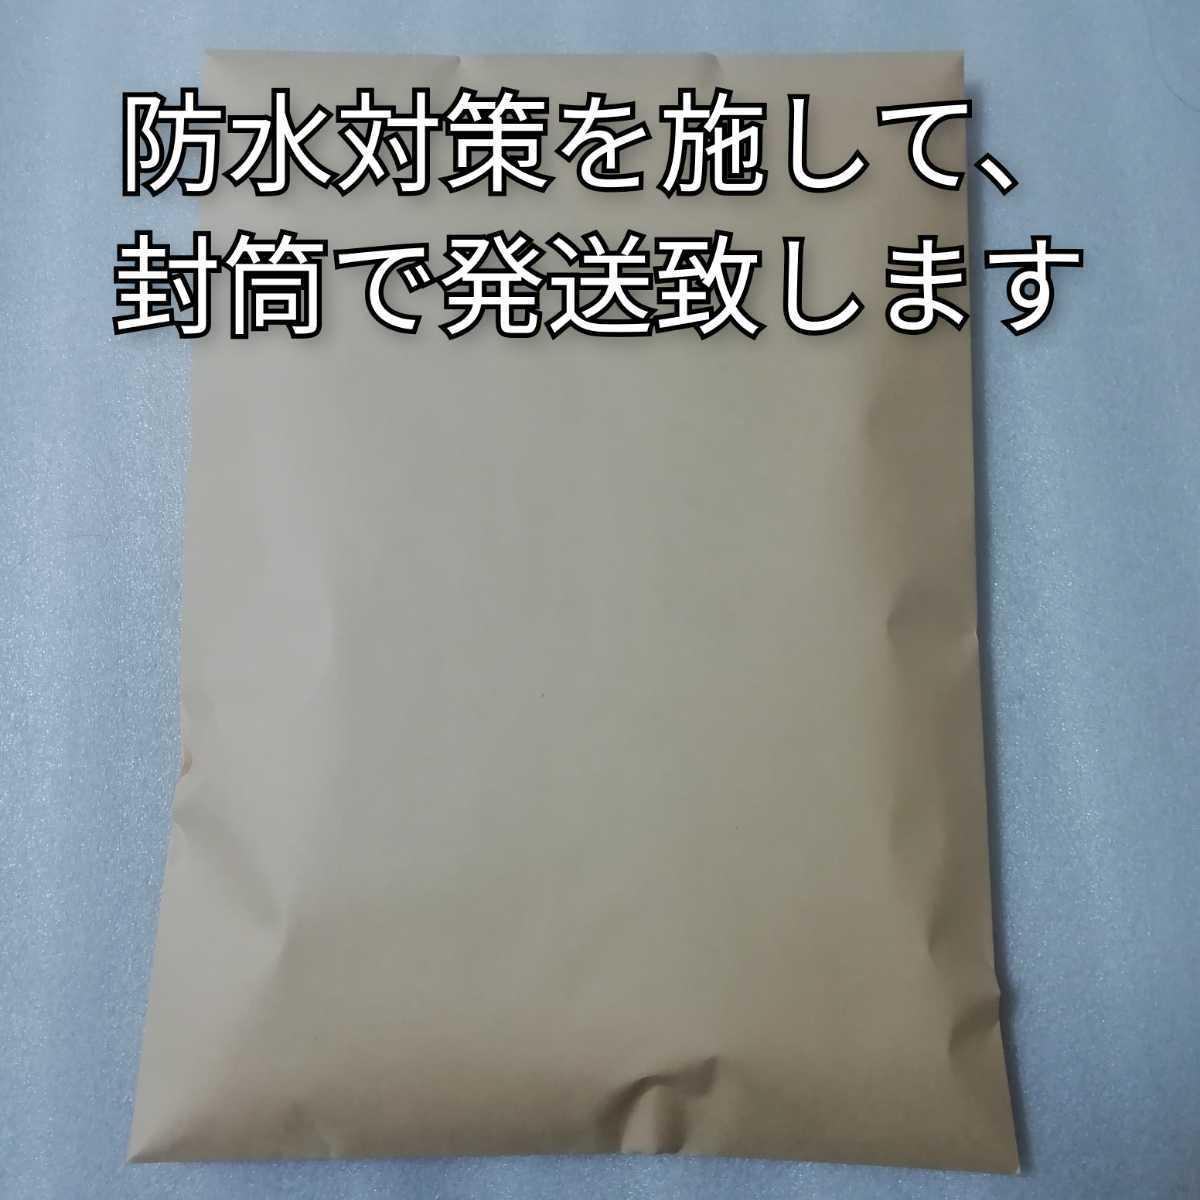 24袋 ビクトリーブレンド 澤井珈琲 ドリップコーヒー コーヒー_画像2